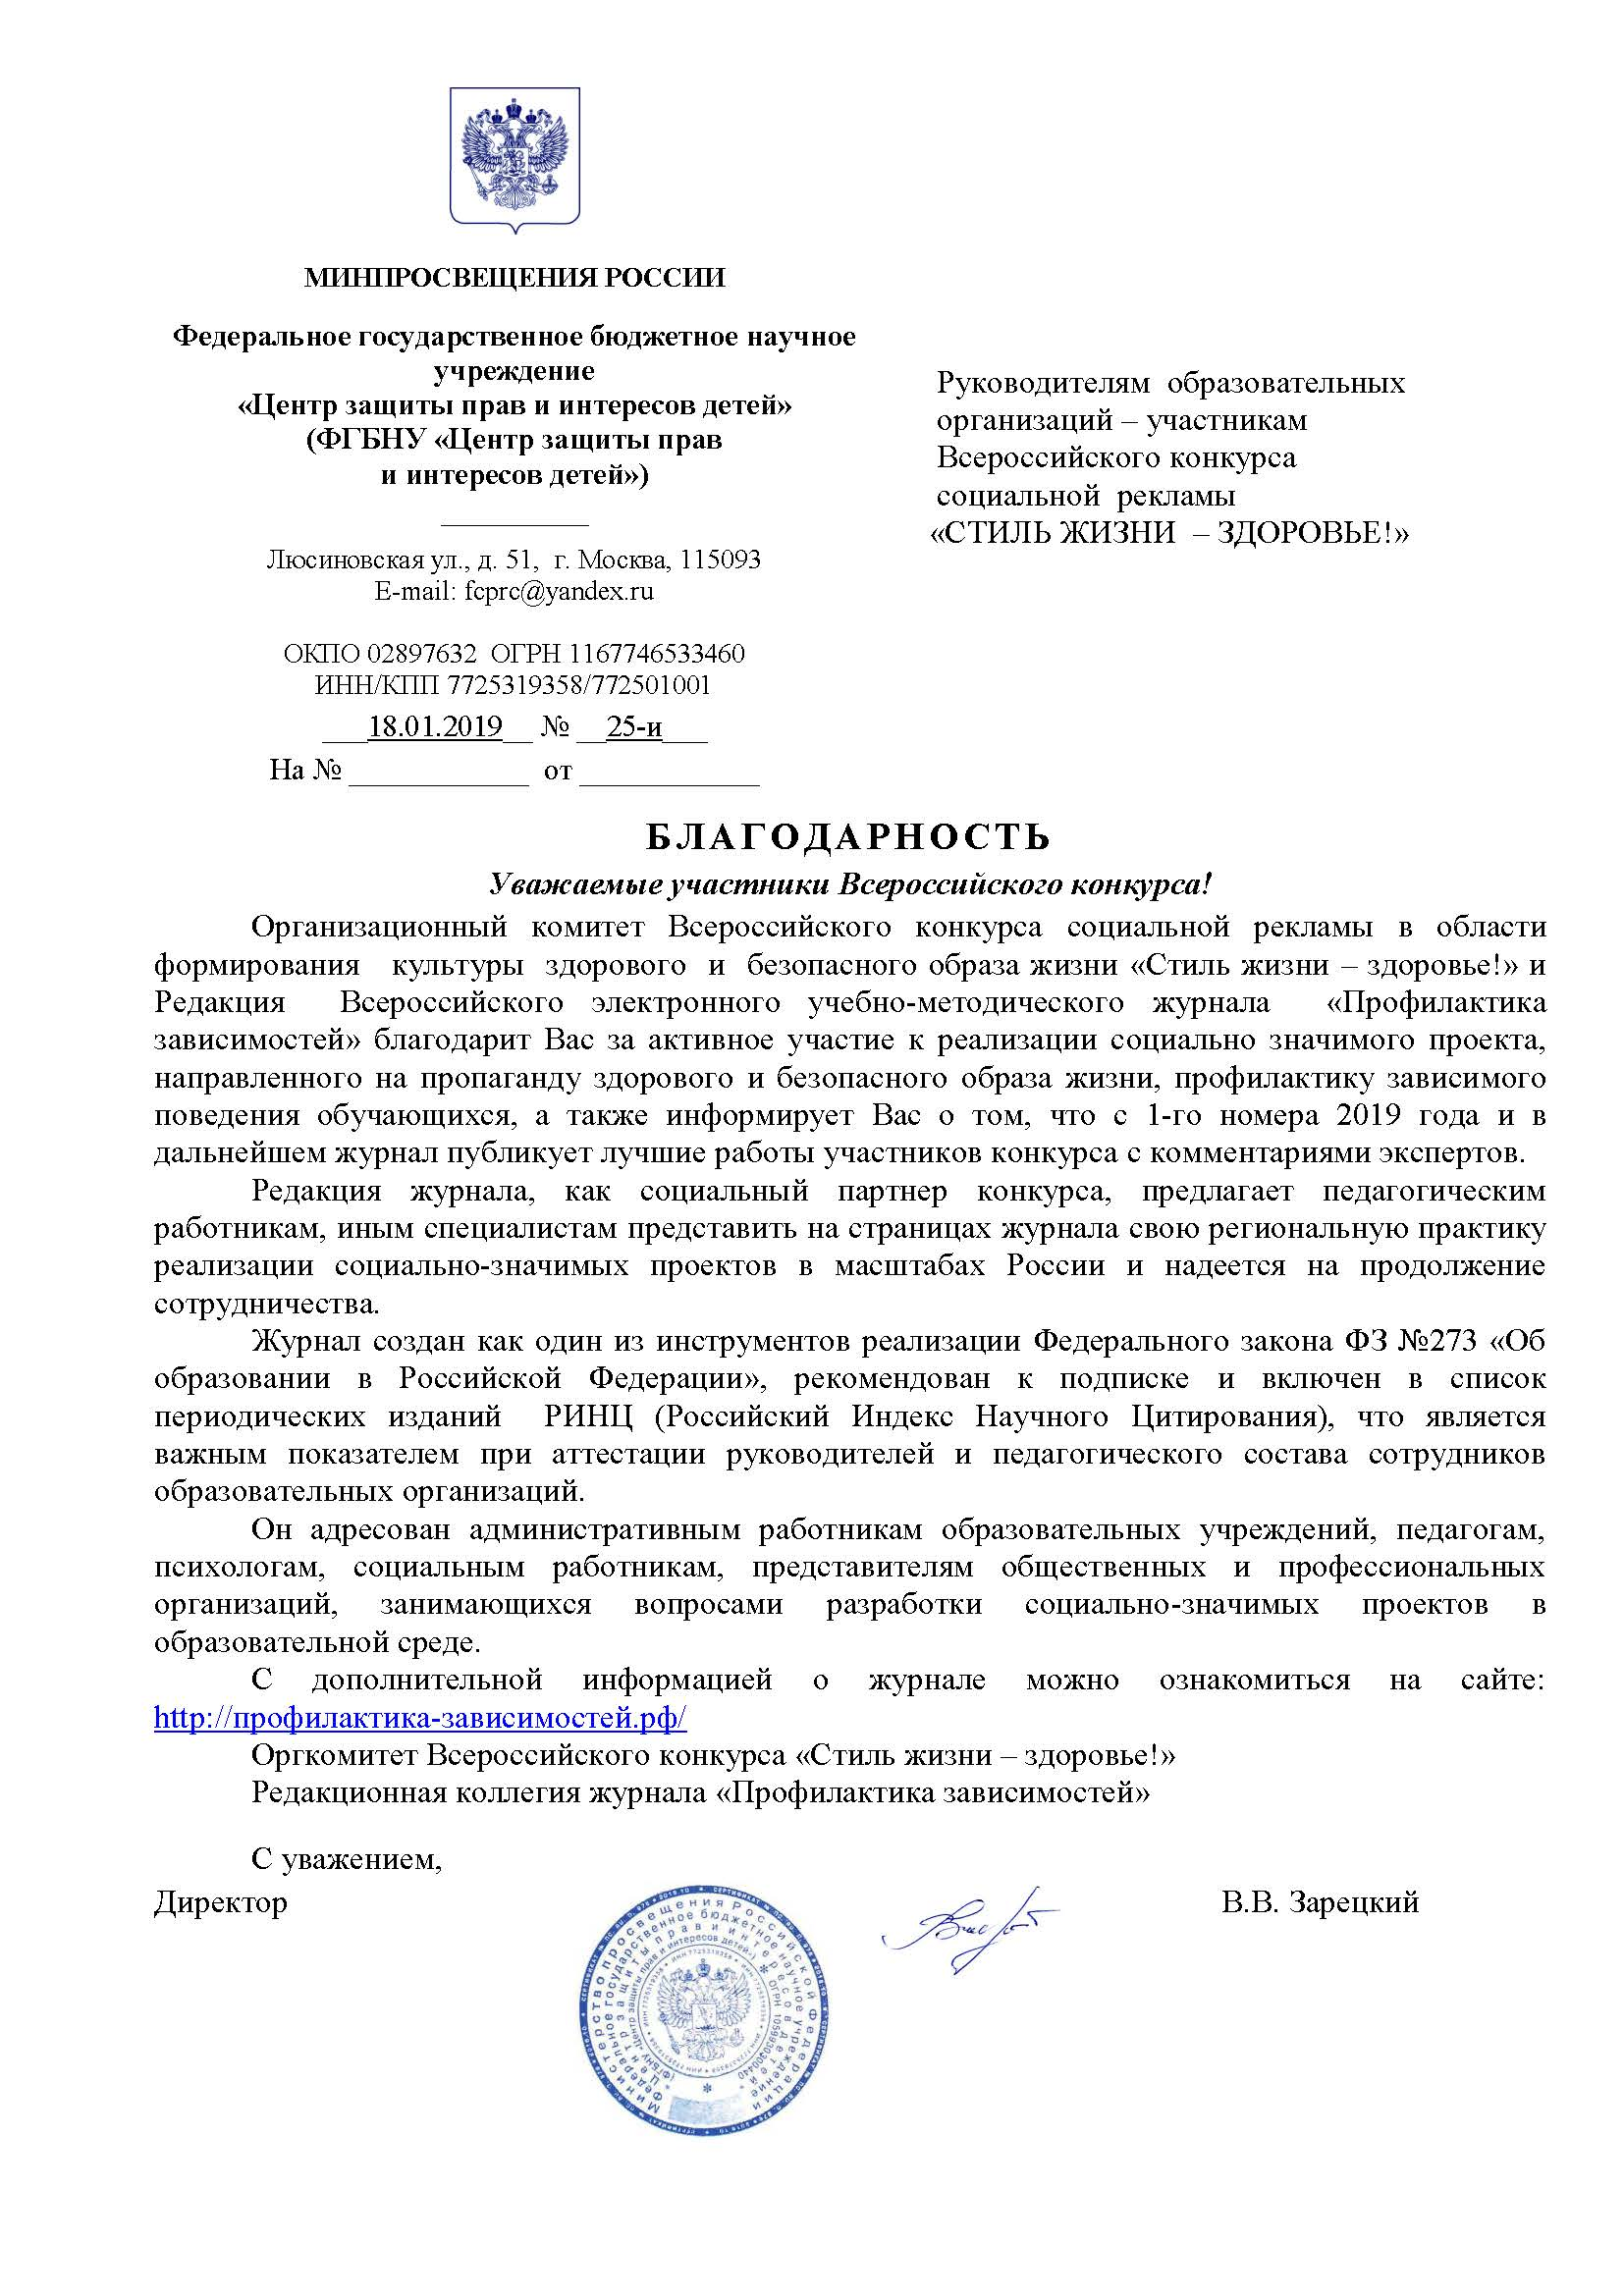 Поздравляем с победой во Всероссийском конкурсе социальной рекламы «Стиль жизни — здоровье!»